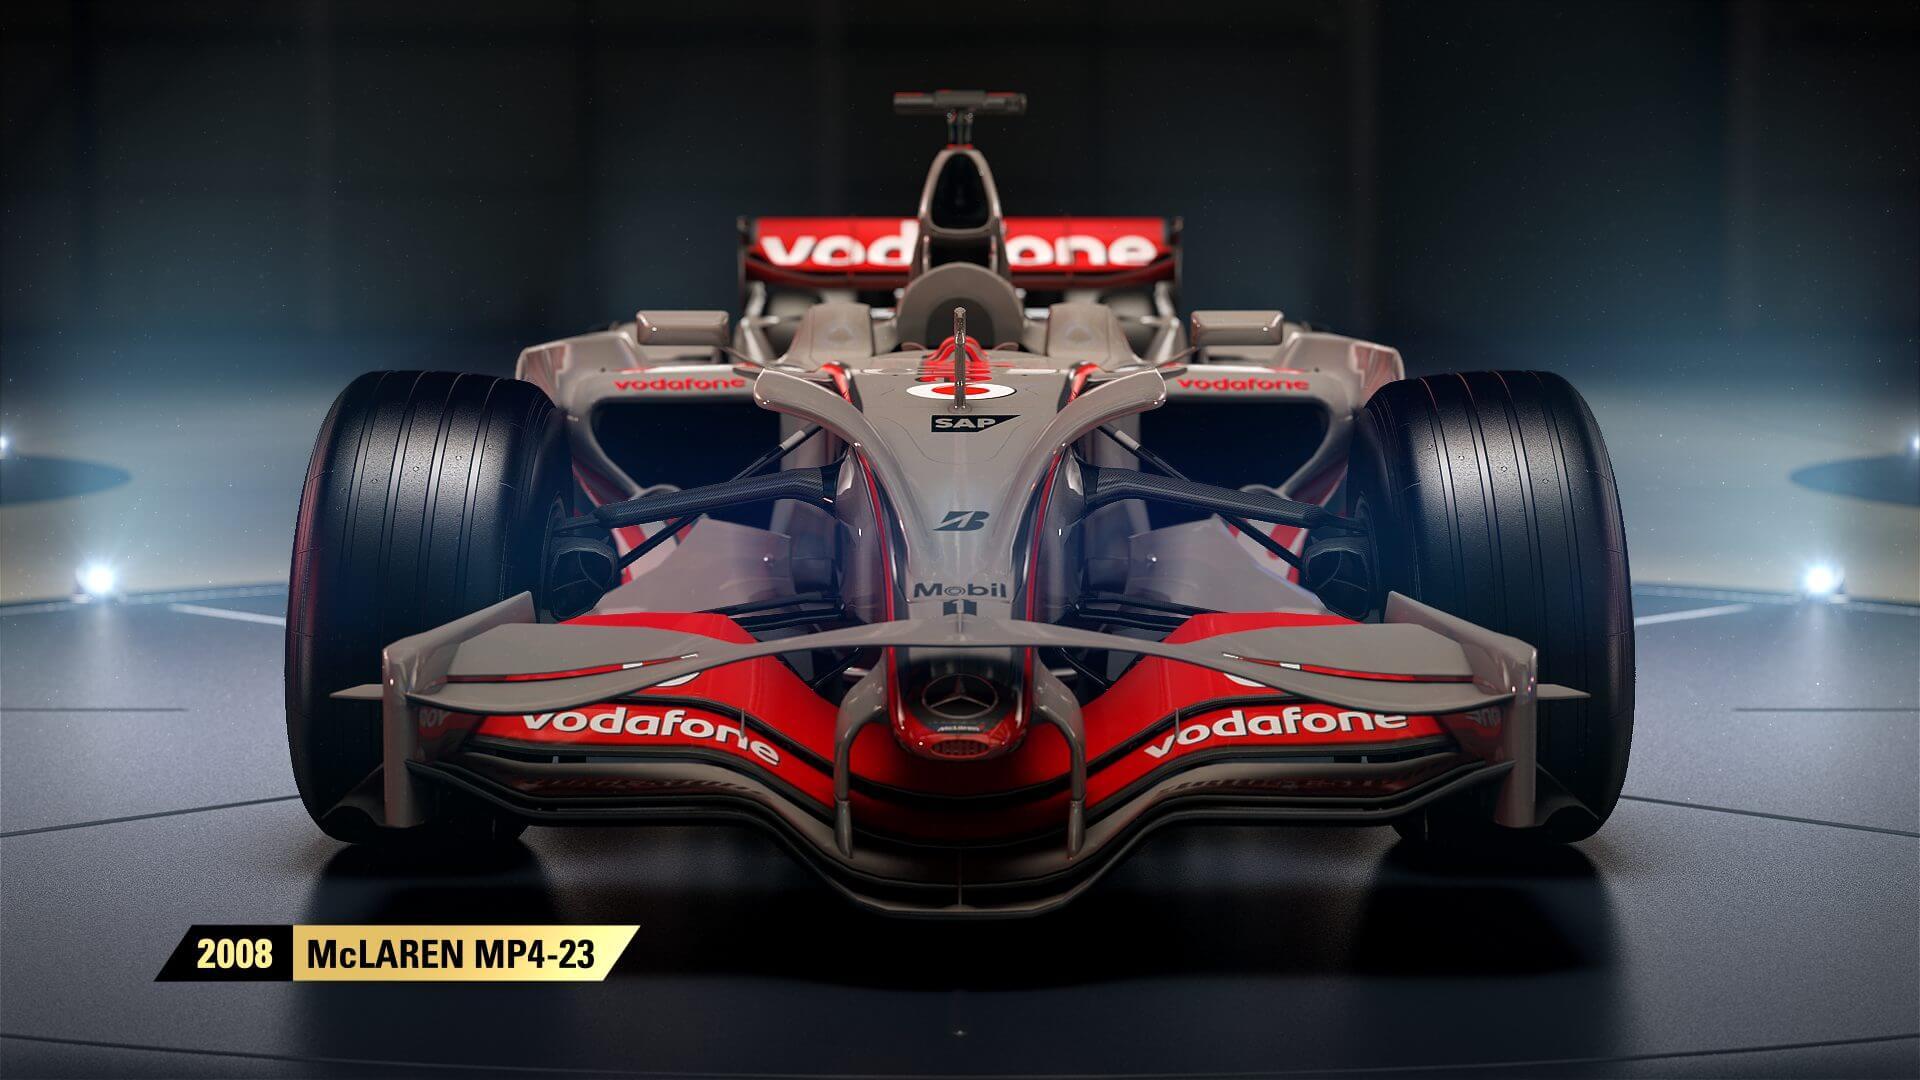 F1 2017 confira novo trailer gameplay e mais. É fã de games ou de fórmula 1? Confira o que sabemos sobre um dos jogos de corrida mais aguardados do ano: f1 2017.